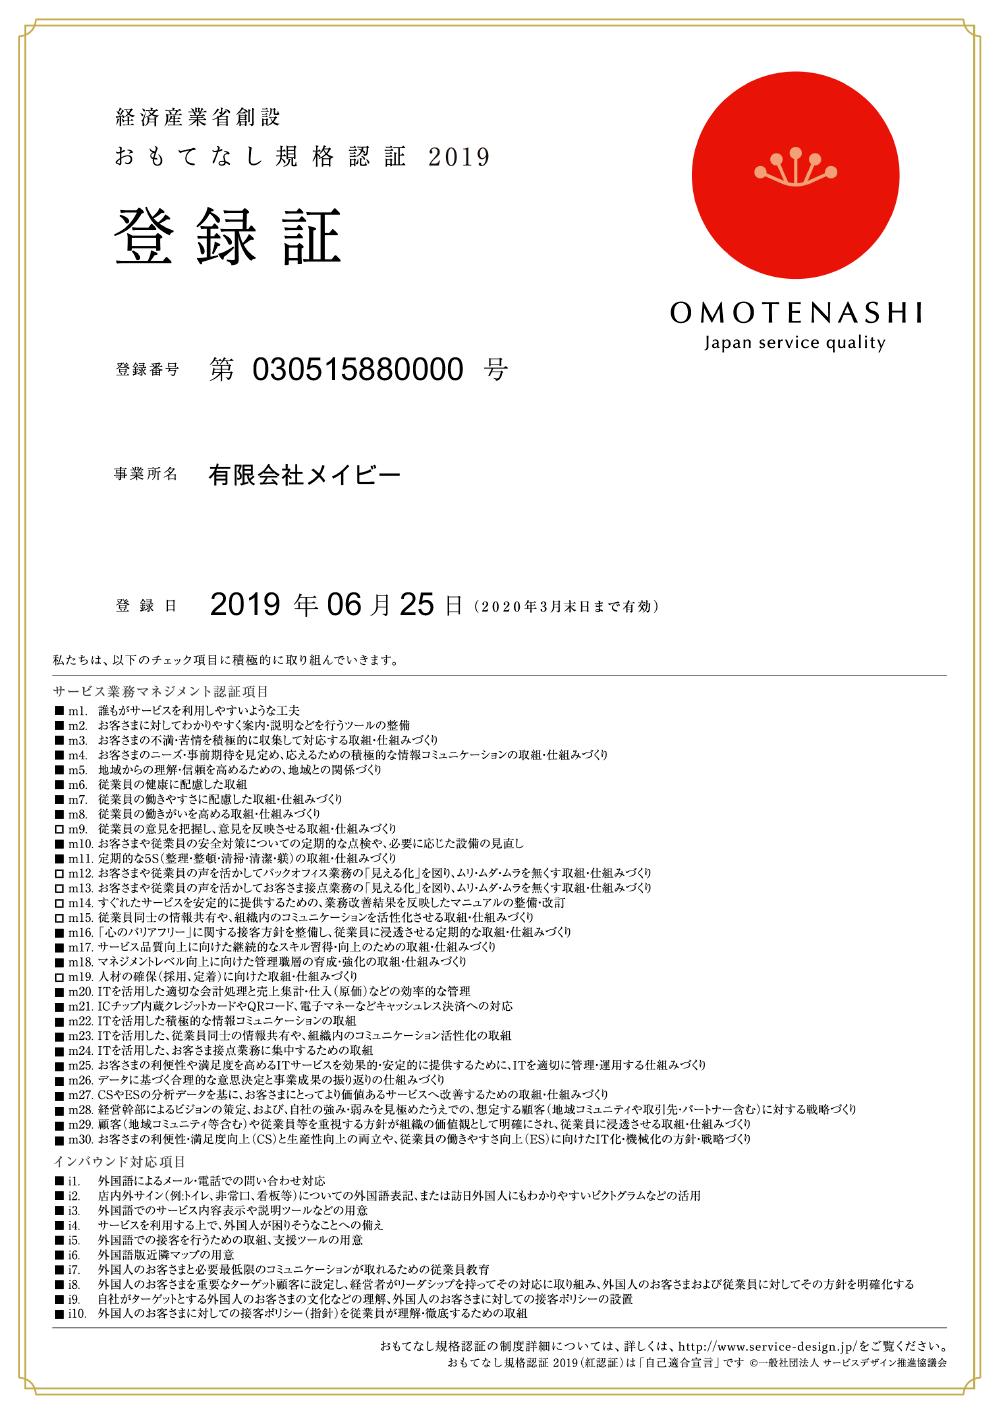 おもてなし規格認証 2019(紅認証)